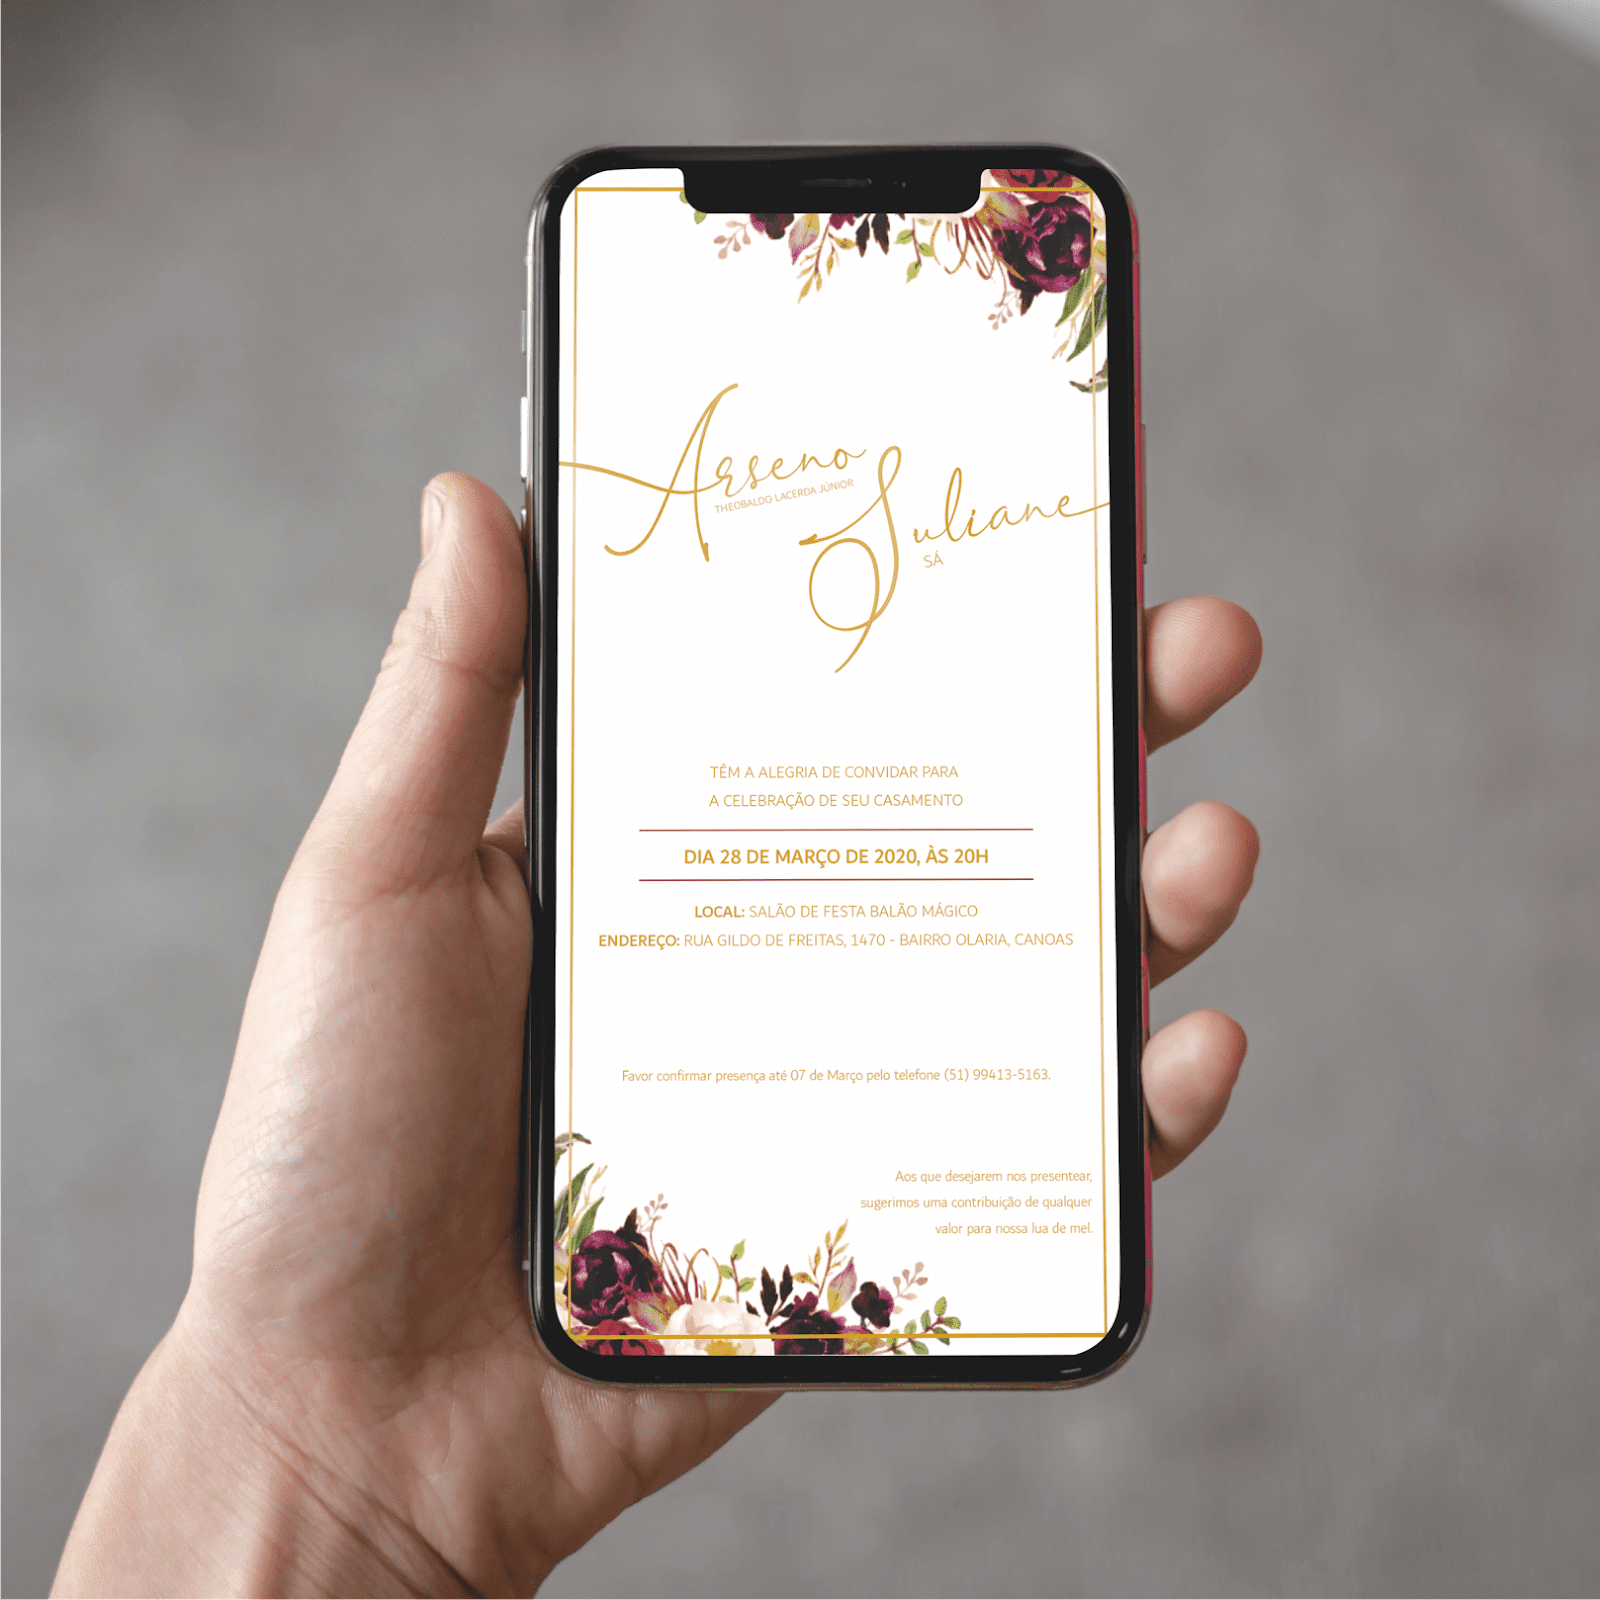 Os melhores aplicativos para criar convites pelo celular